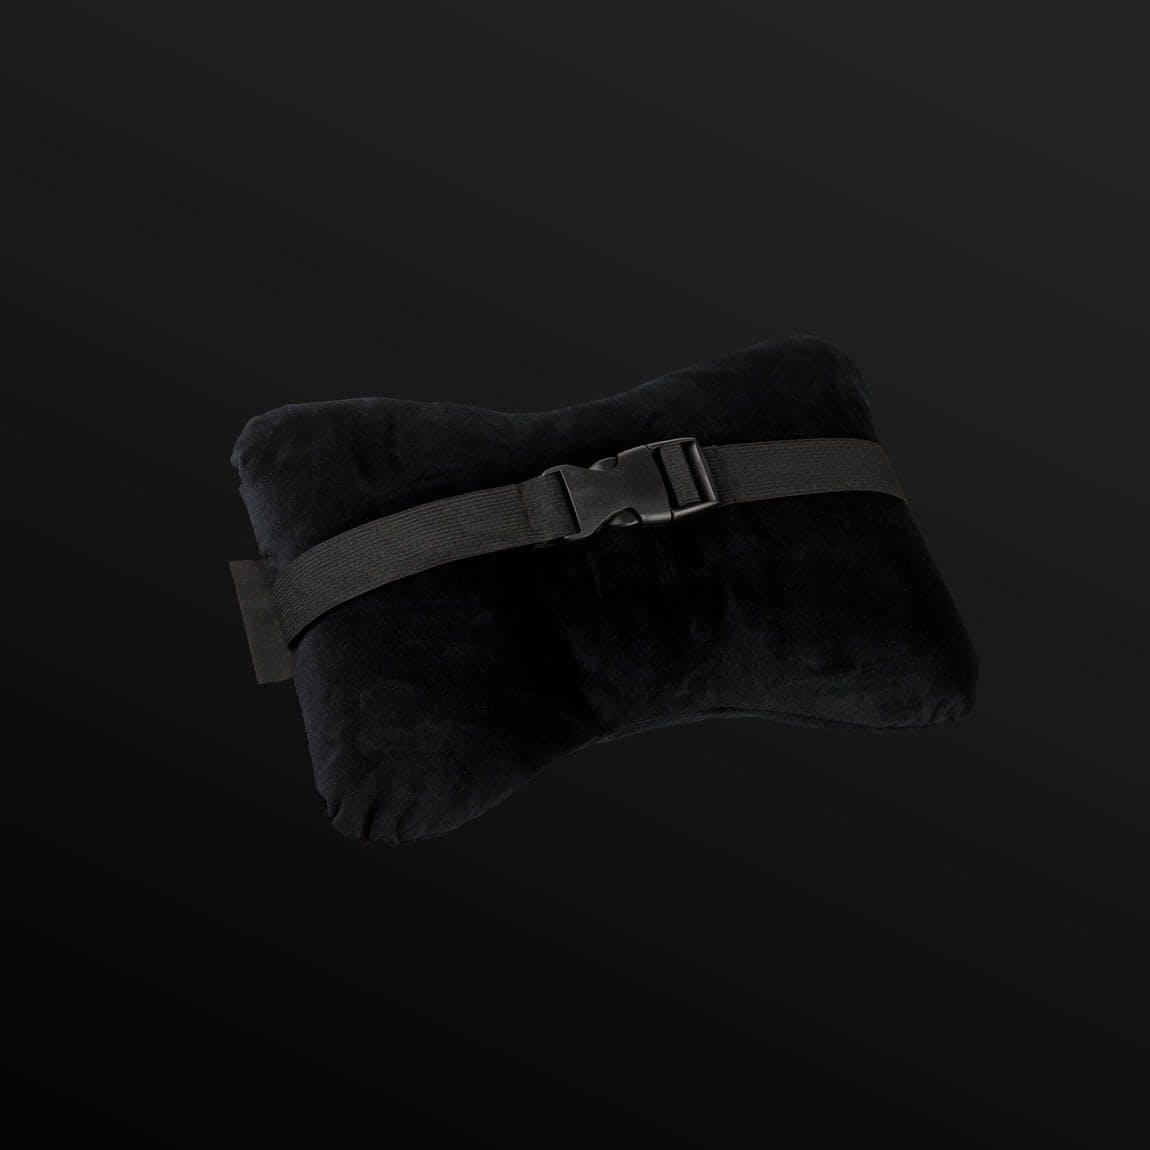 Noblechairs - Neck pillow Ehrenmann